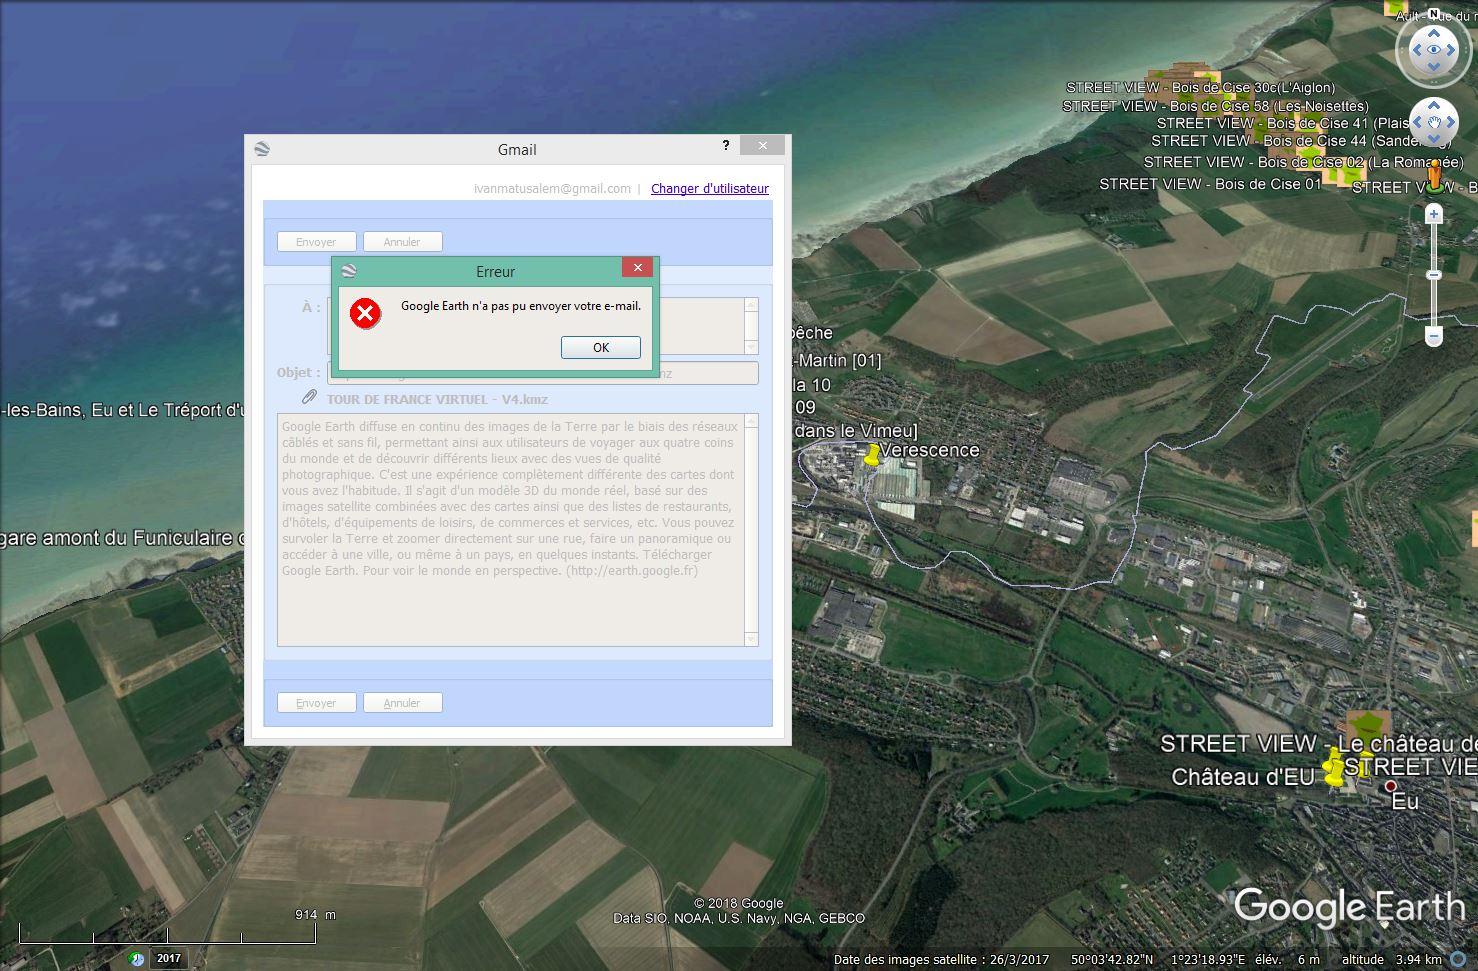 [résolu] Partage de trace : envoi par mail dans Google Earth impossible Tsge_095